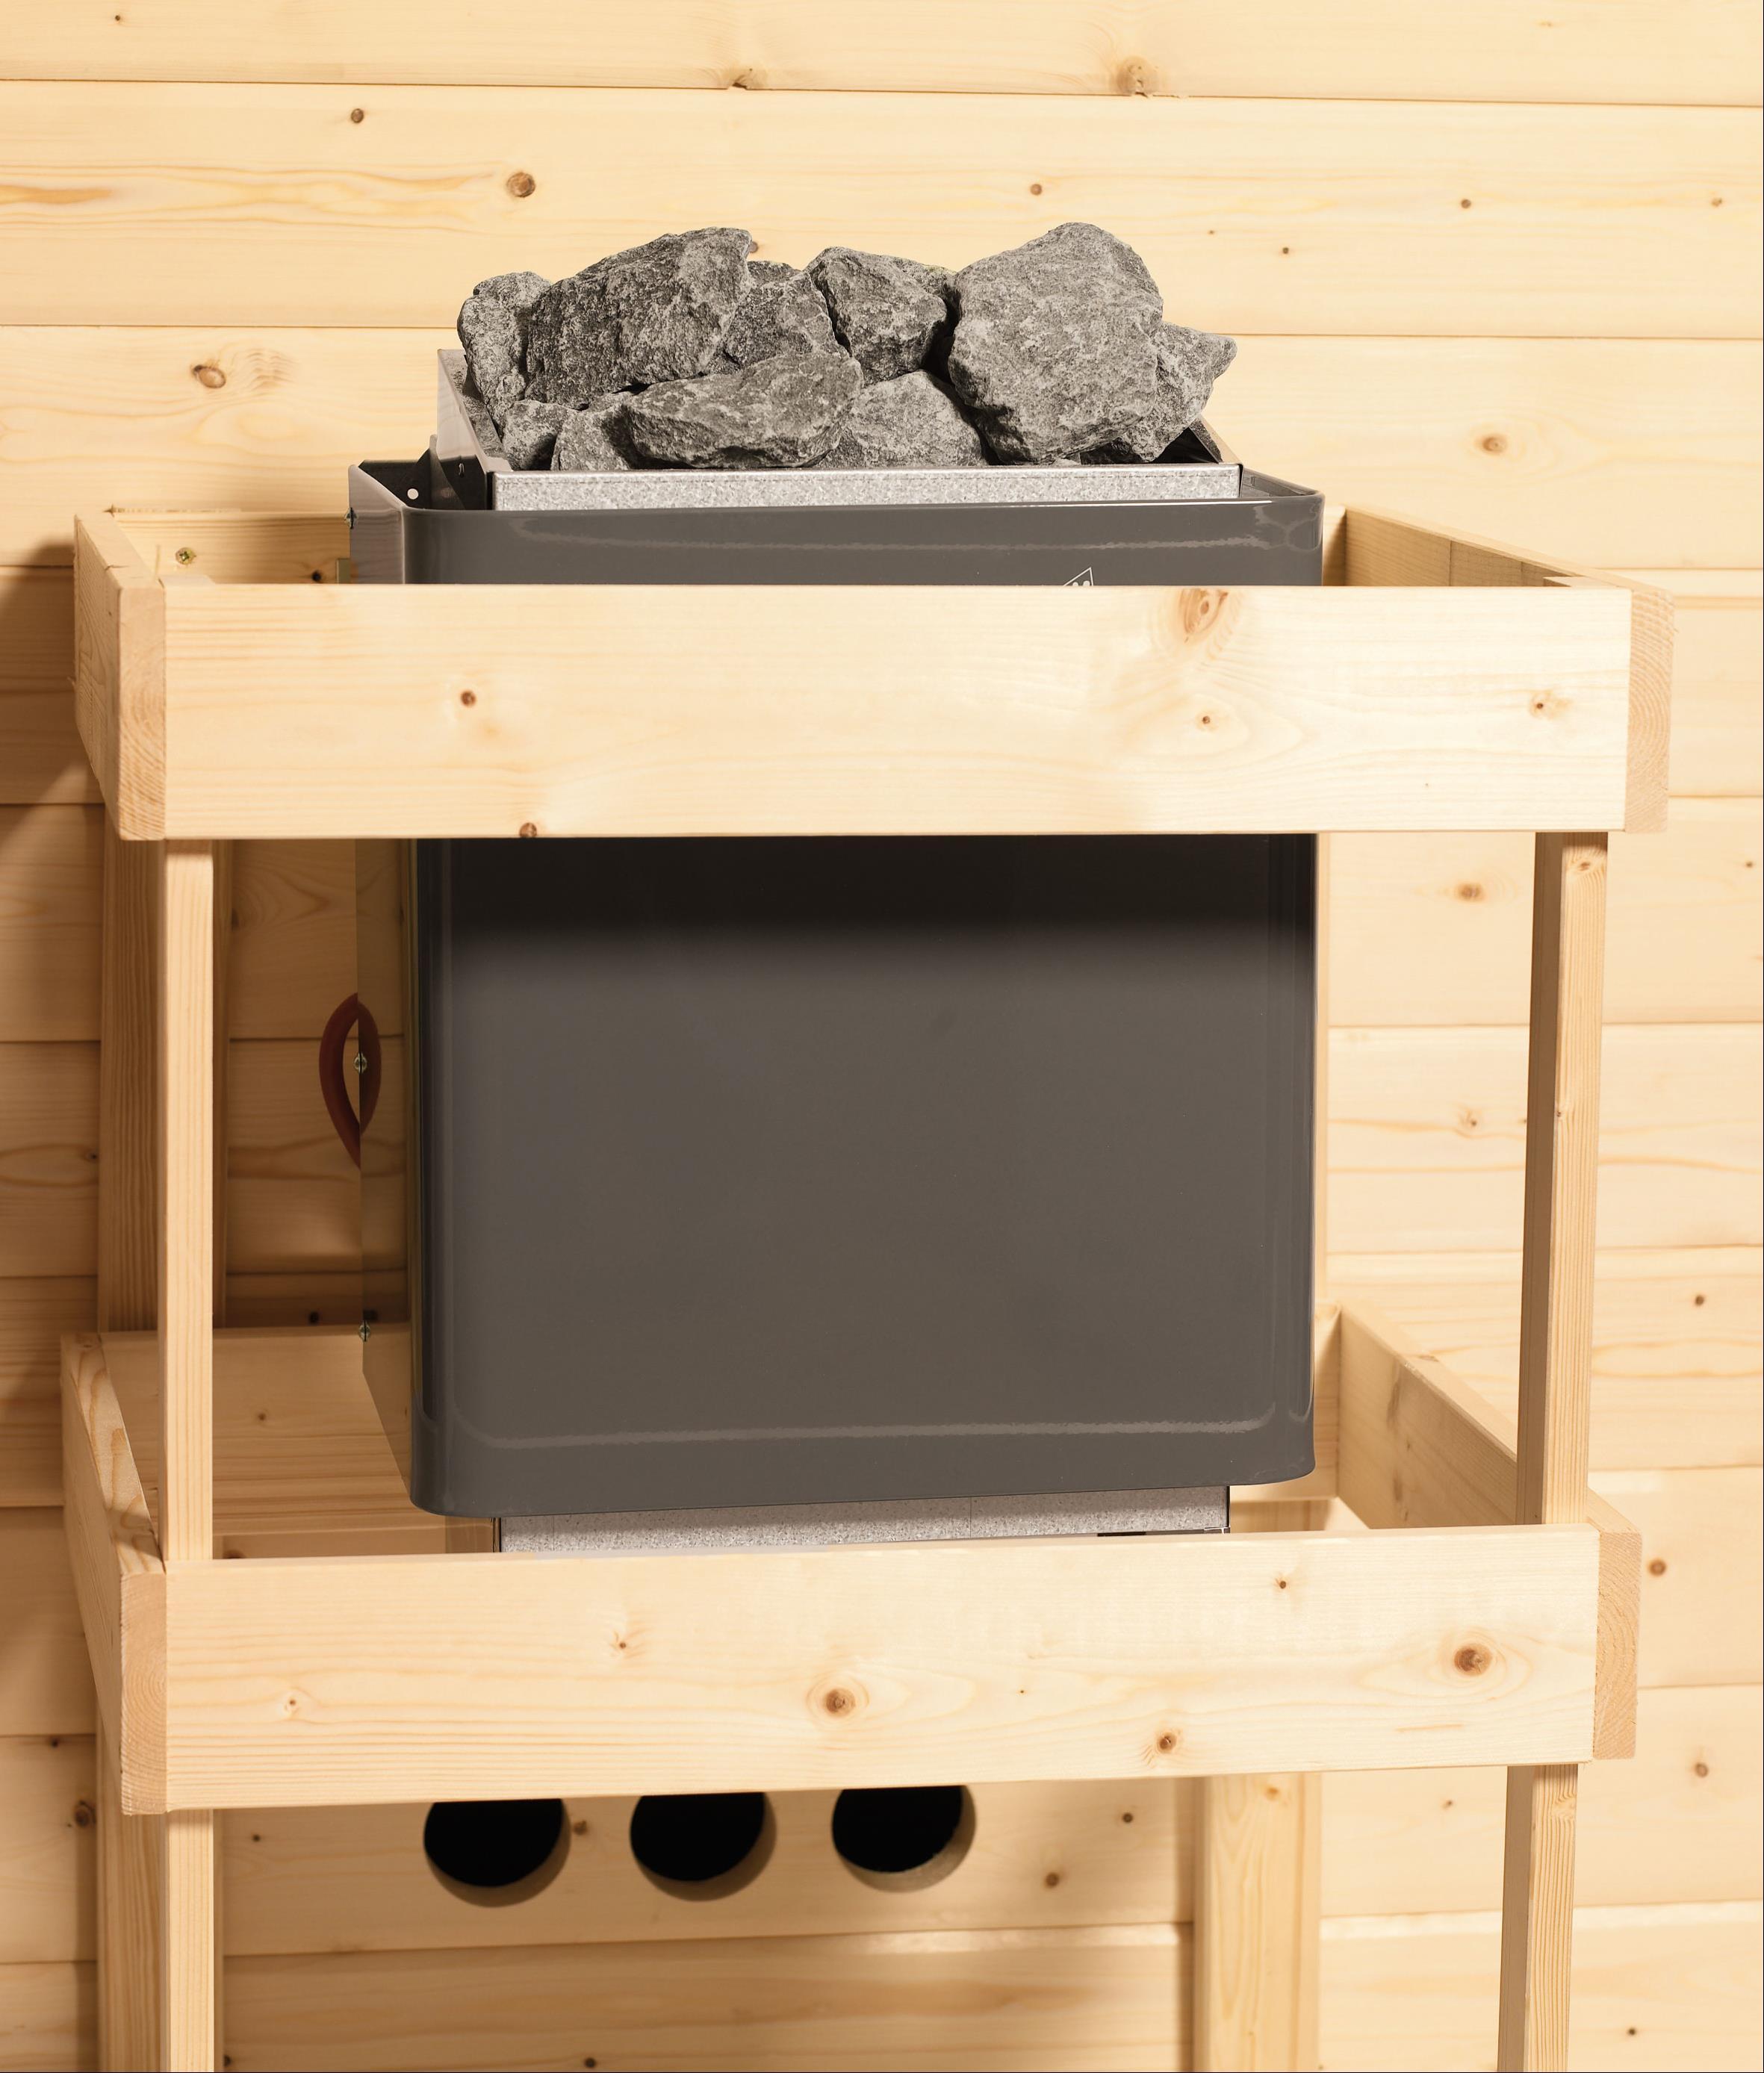 Gartensauna Karibu Saunahaus Mikka 38mm Ofen 9kW extern Tür modern Bild 8